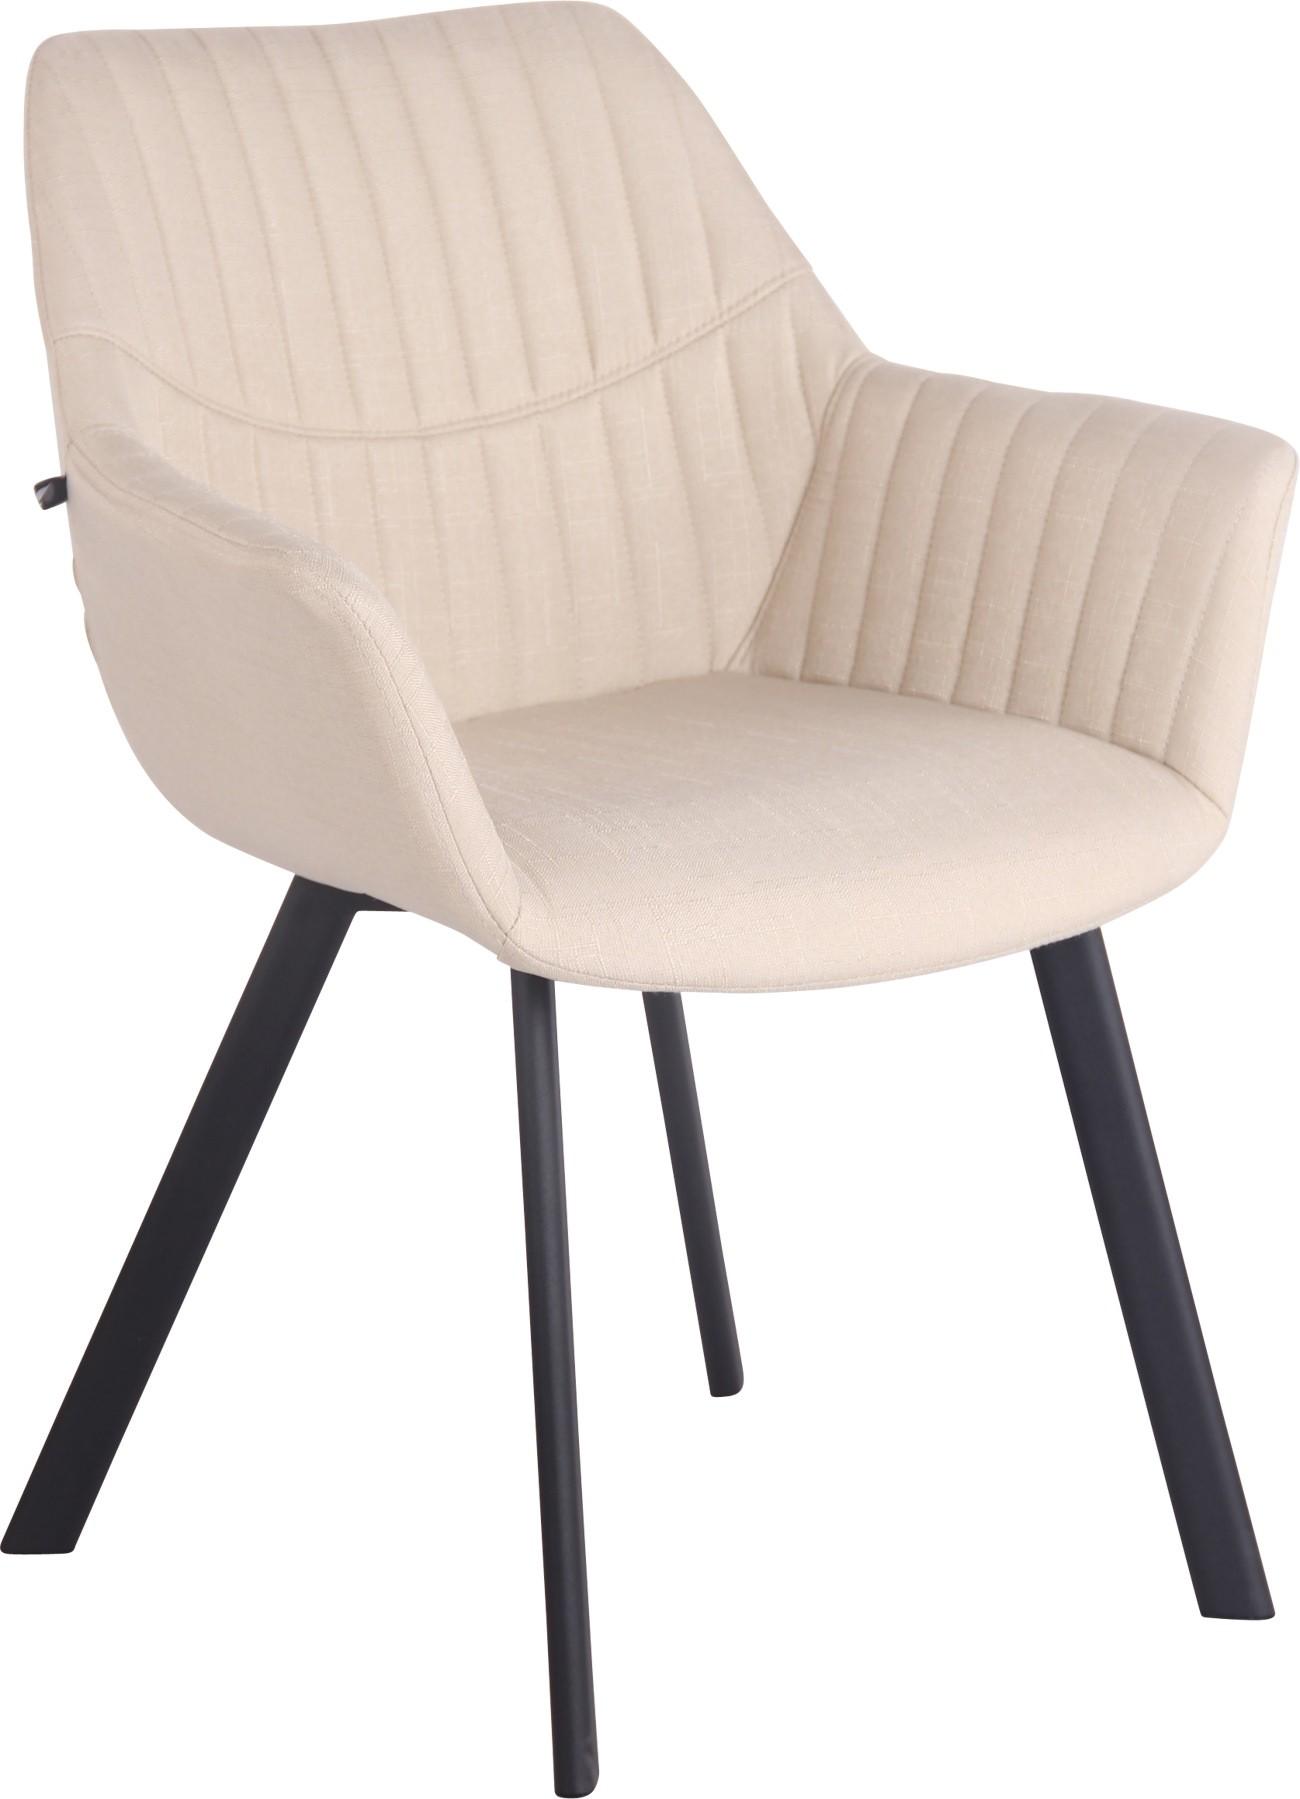 Chaise de salle à manger LANCY en tissu